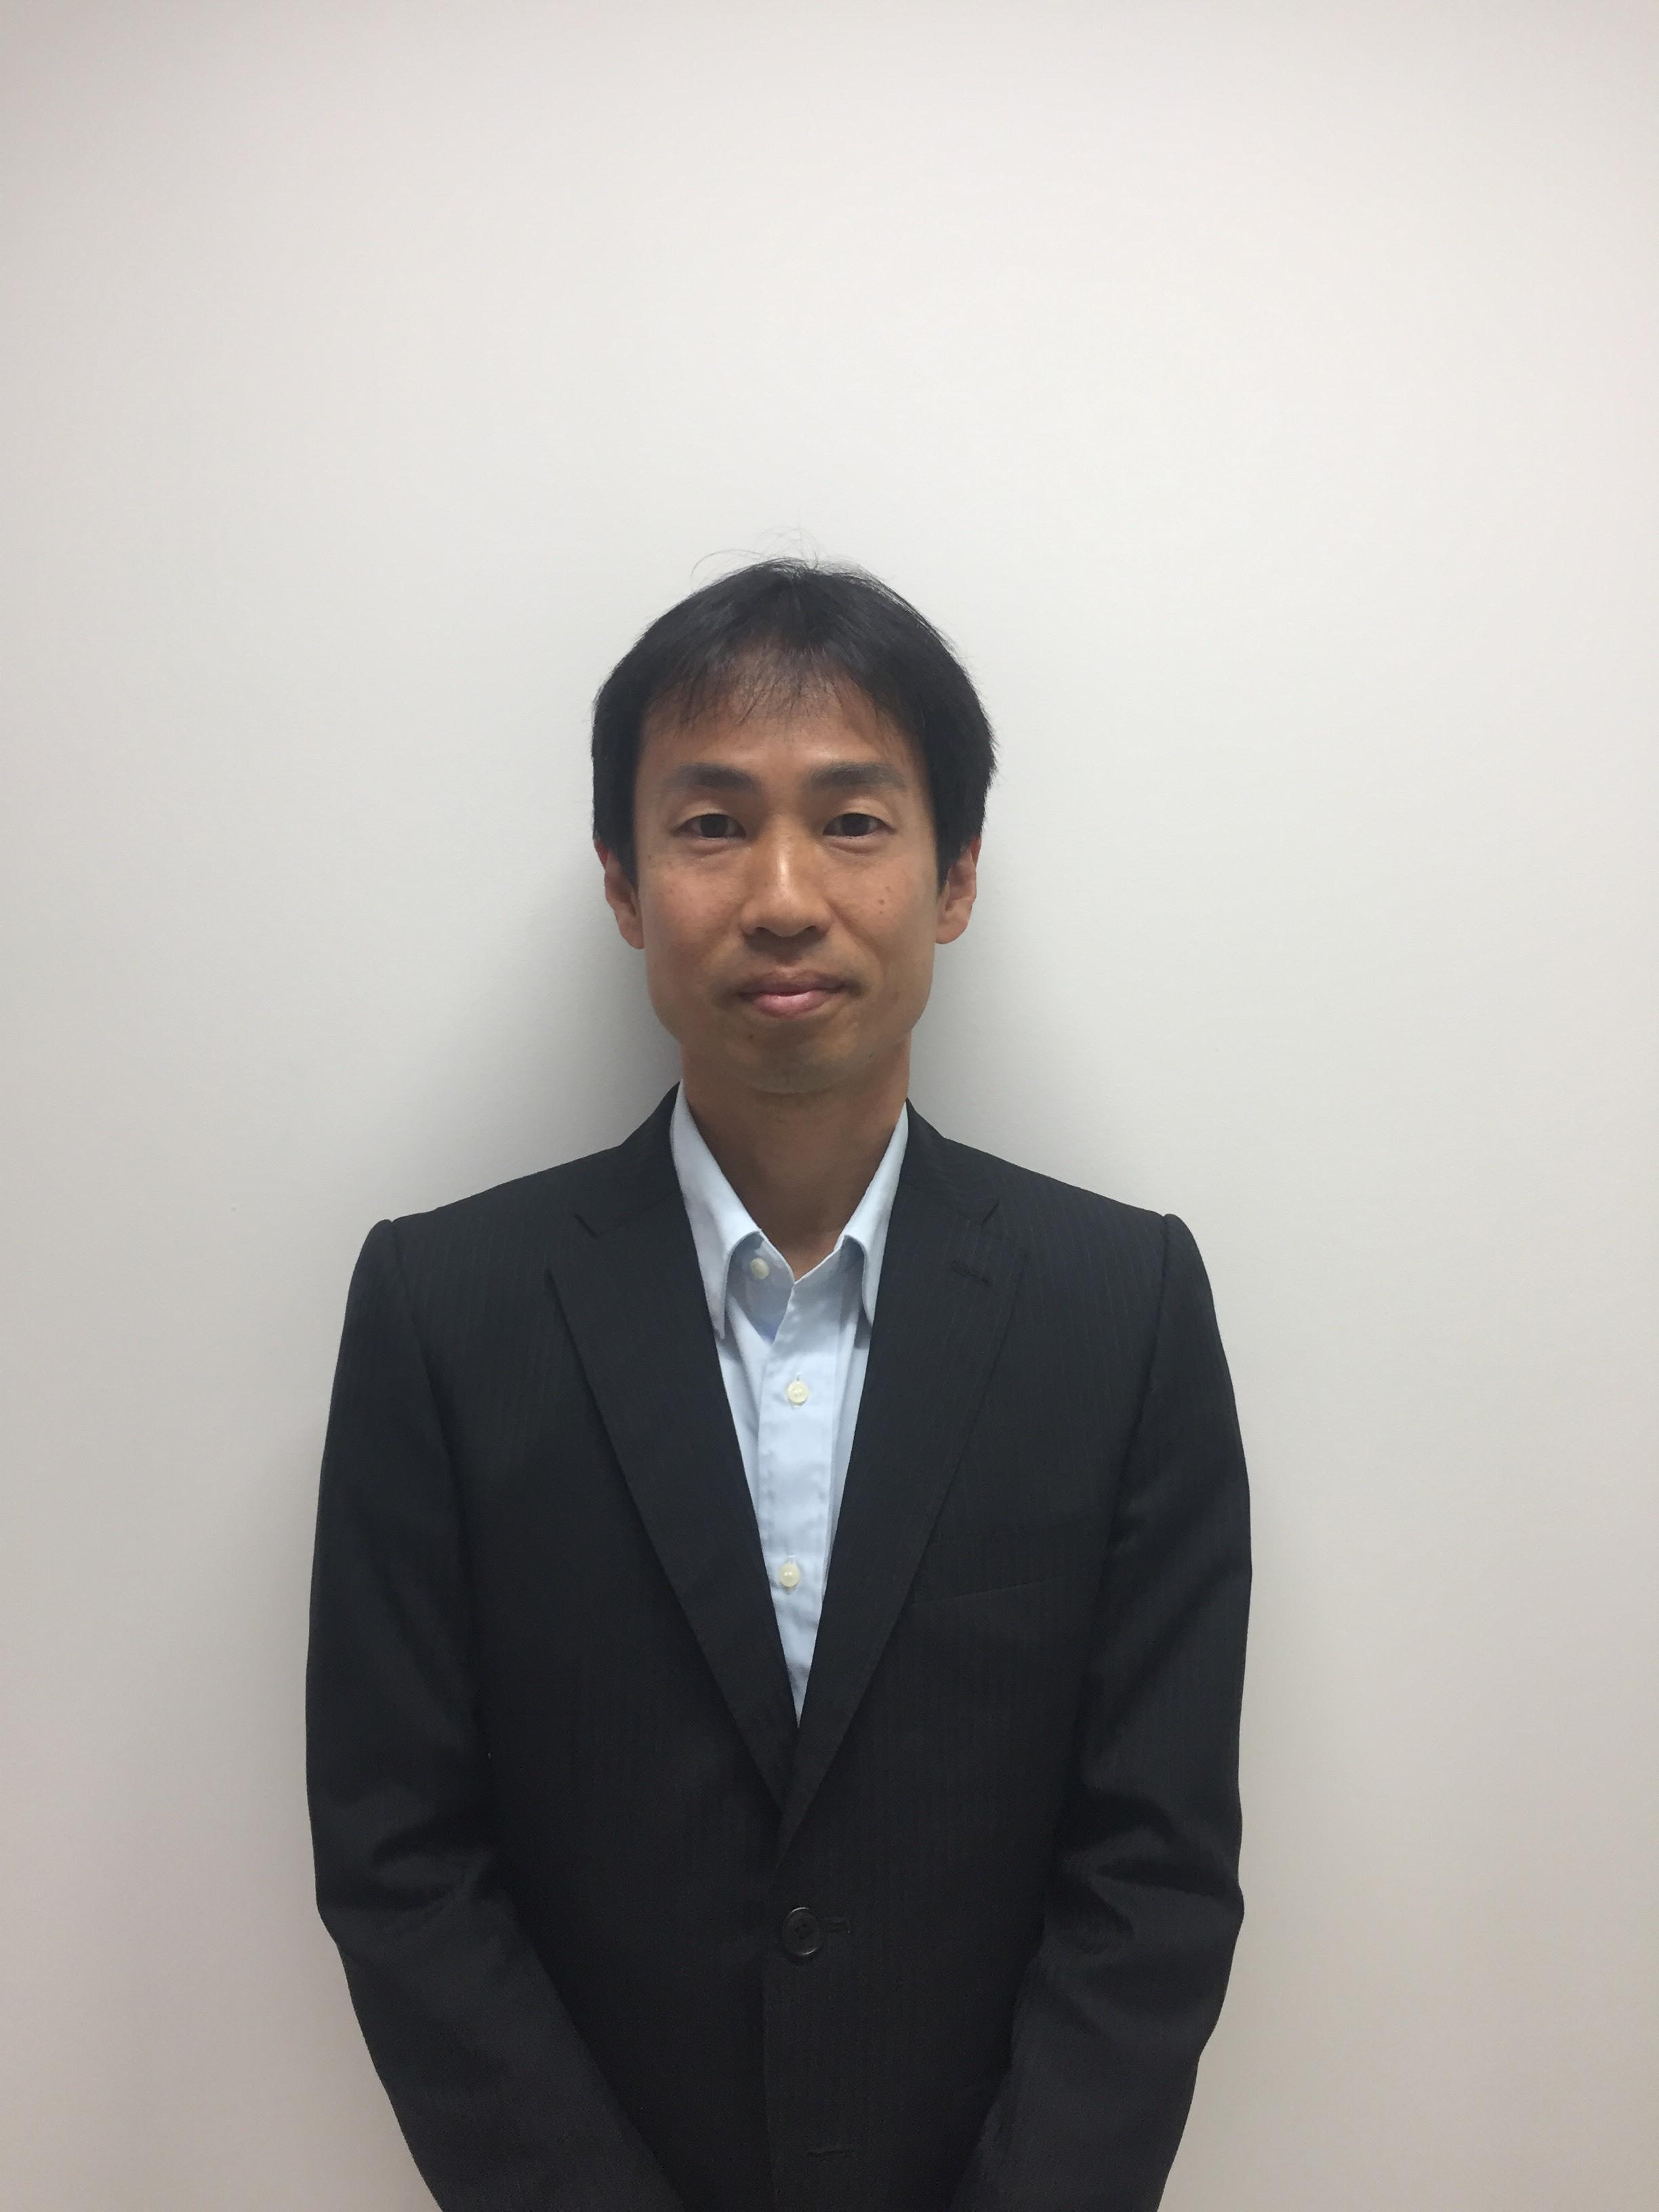 Hiroyuki Tahara